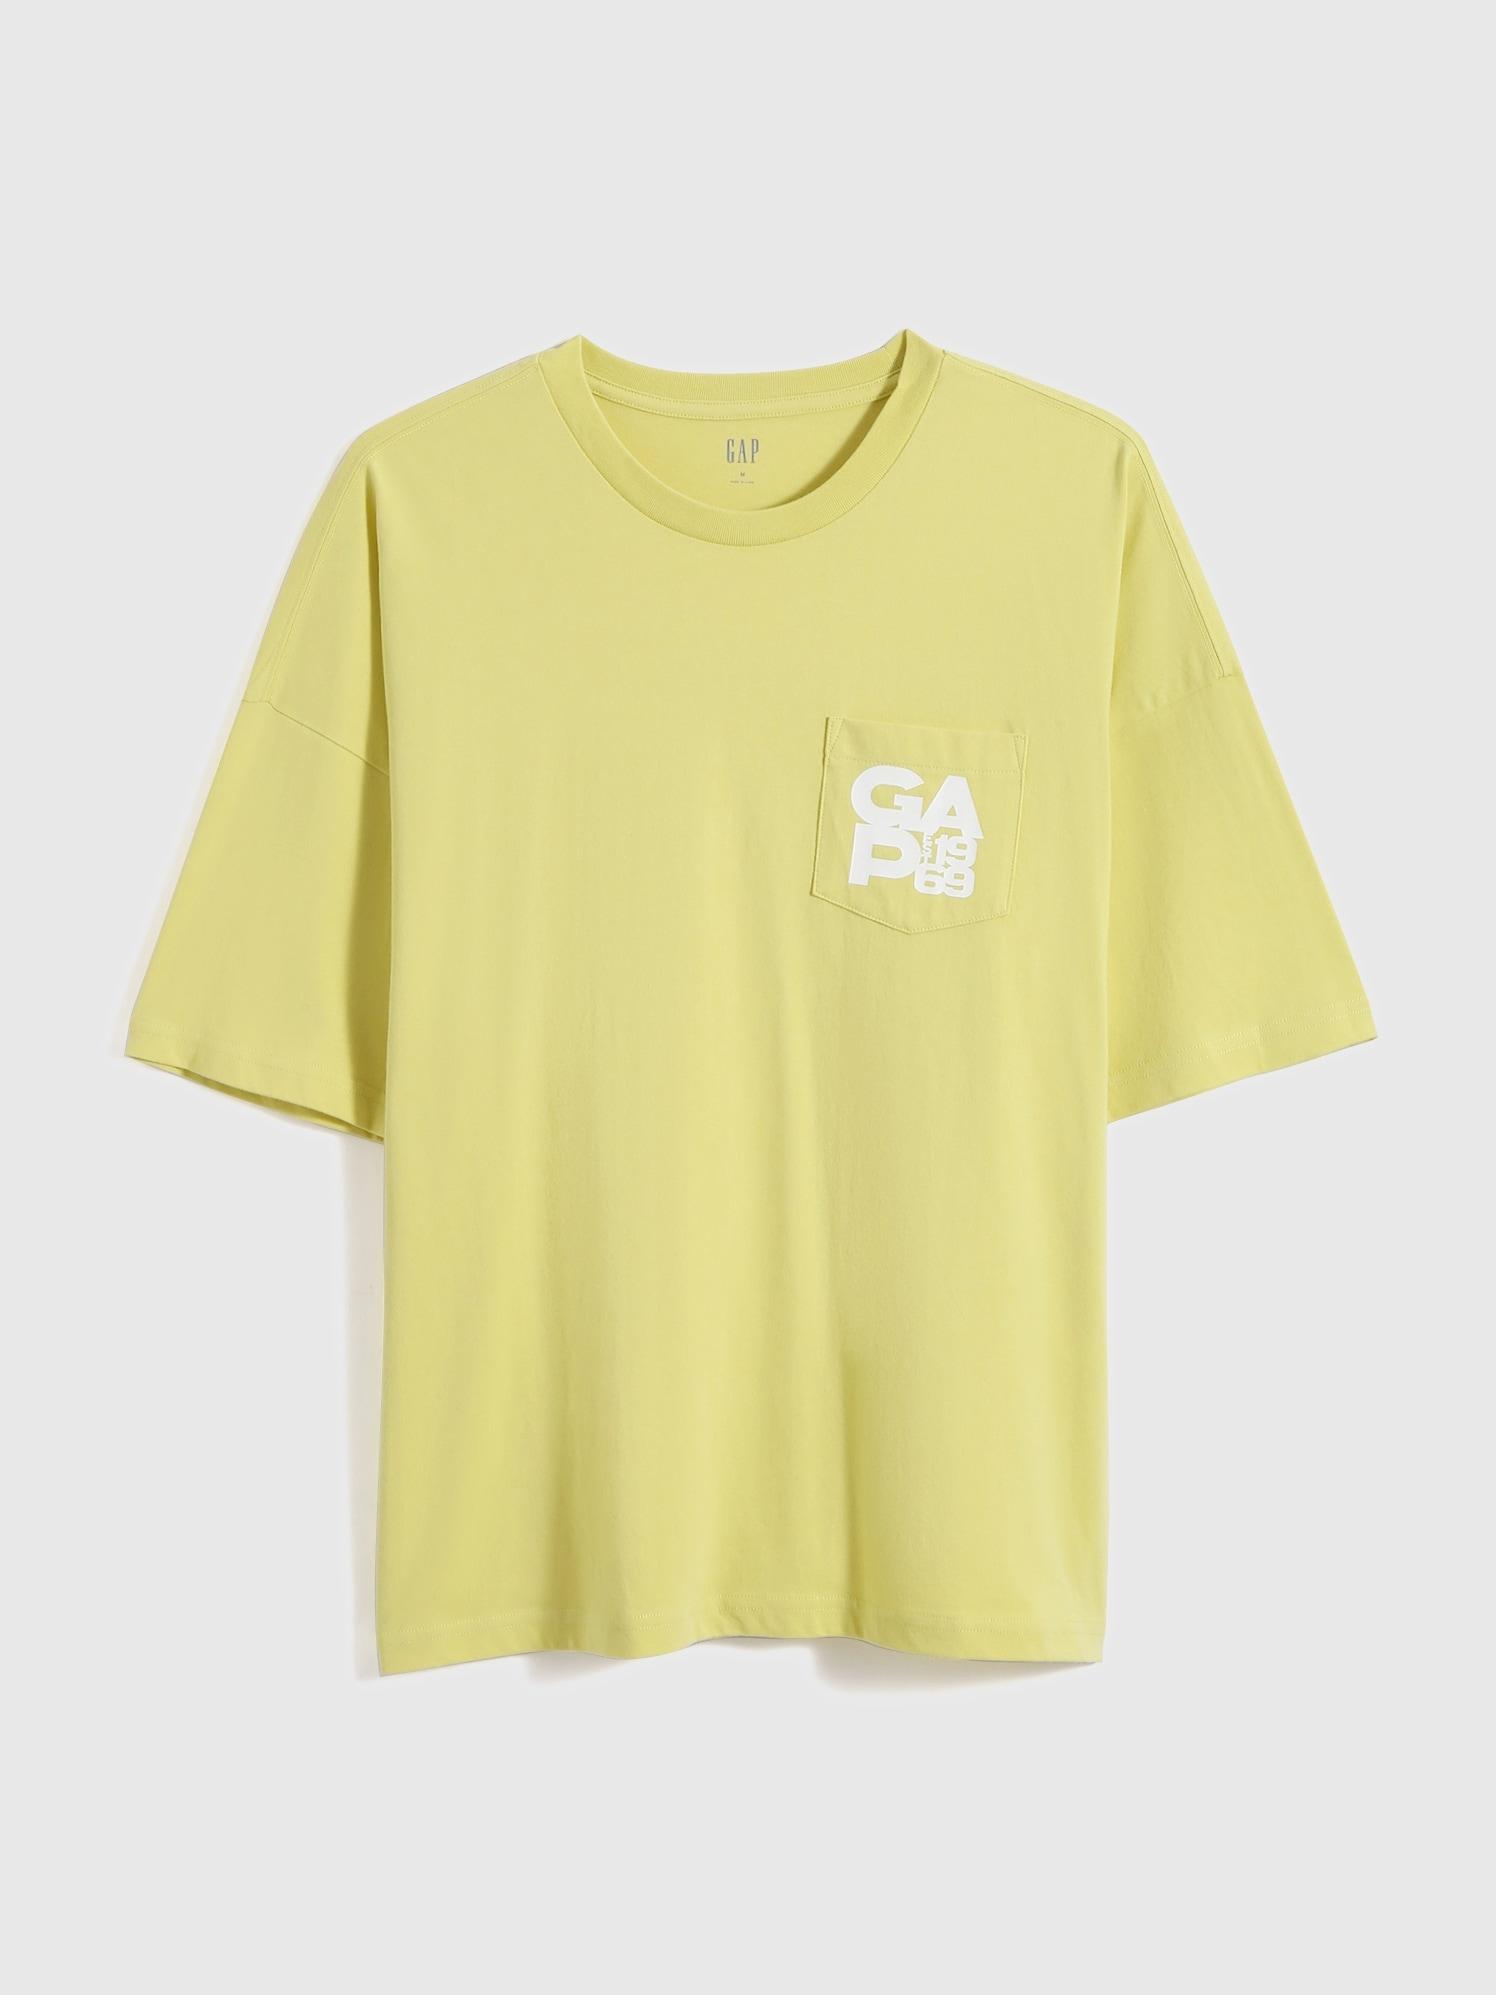 ルーズフィット コットン ロゴtシャツ